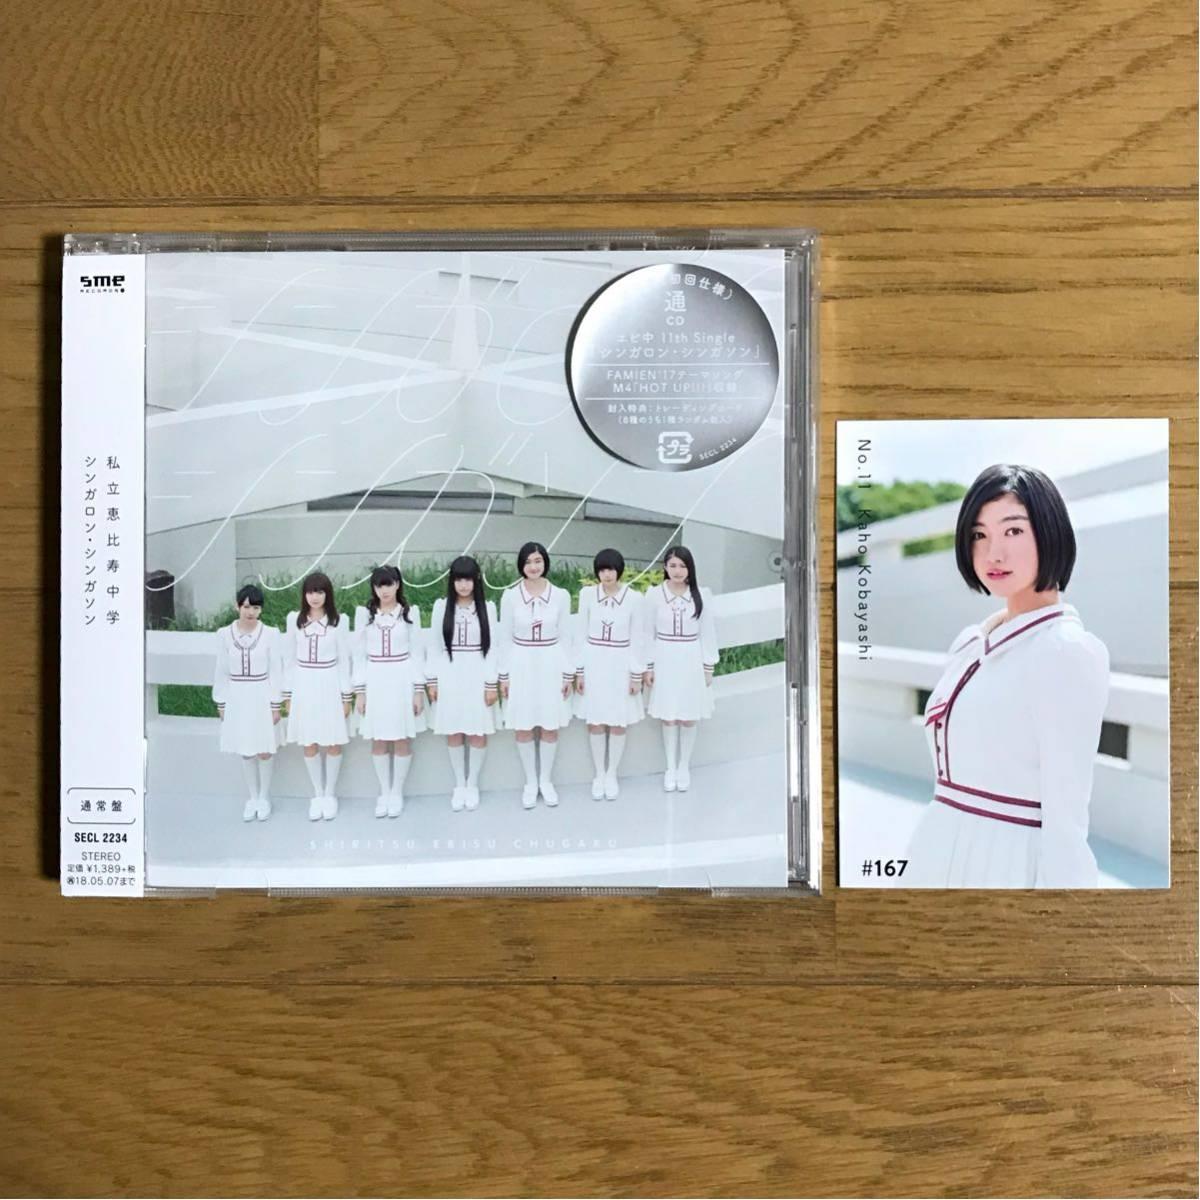 私立恵比寿中学 シンガロン・シンガソン 通常盤 CD 小林歌穂 トレカ エビ中 Mrs. GREEN APPLE